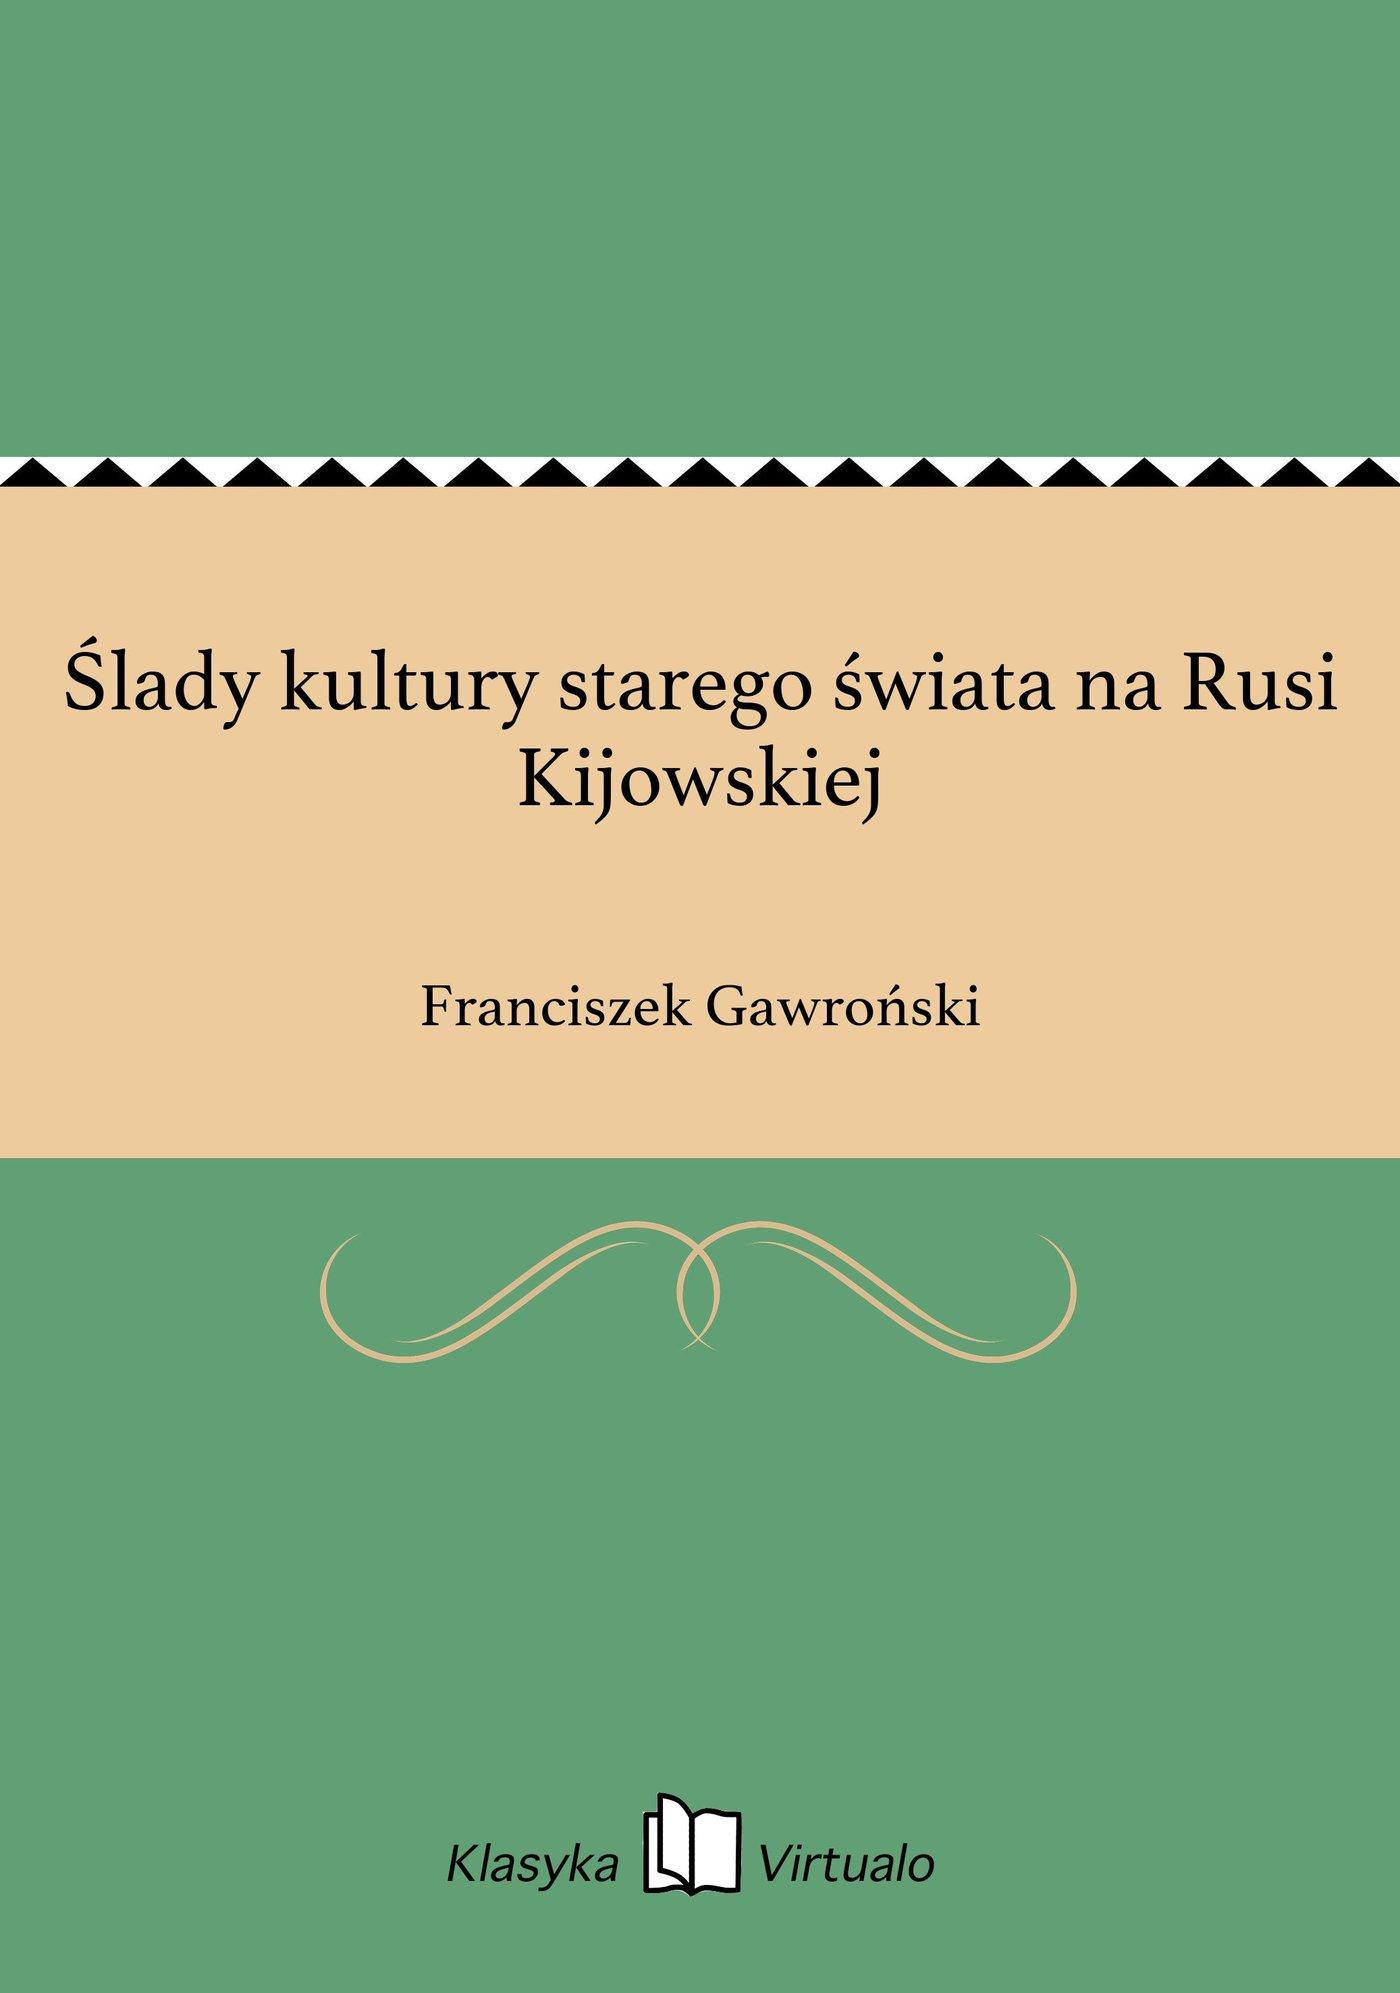 Ślady kultury starego świata na Rusi Kijowskiej - Ebook (Książka EPUB) do pobrania w formacie EPUB